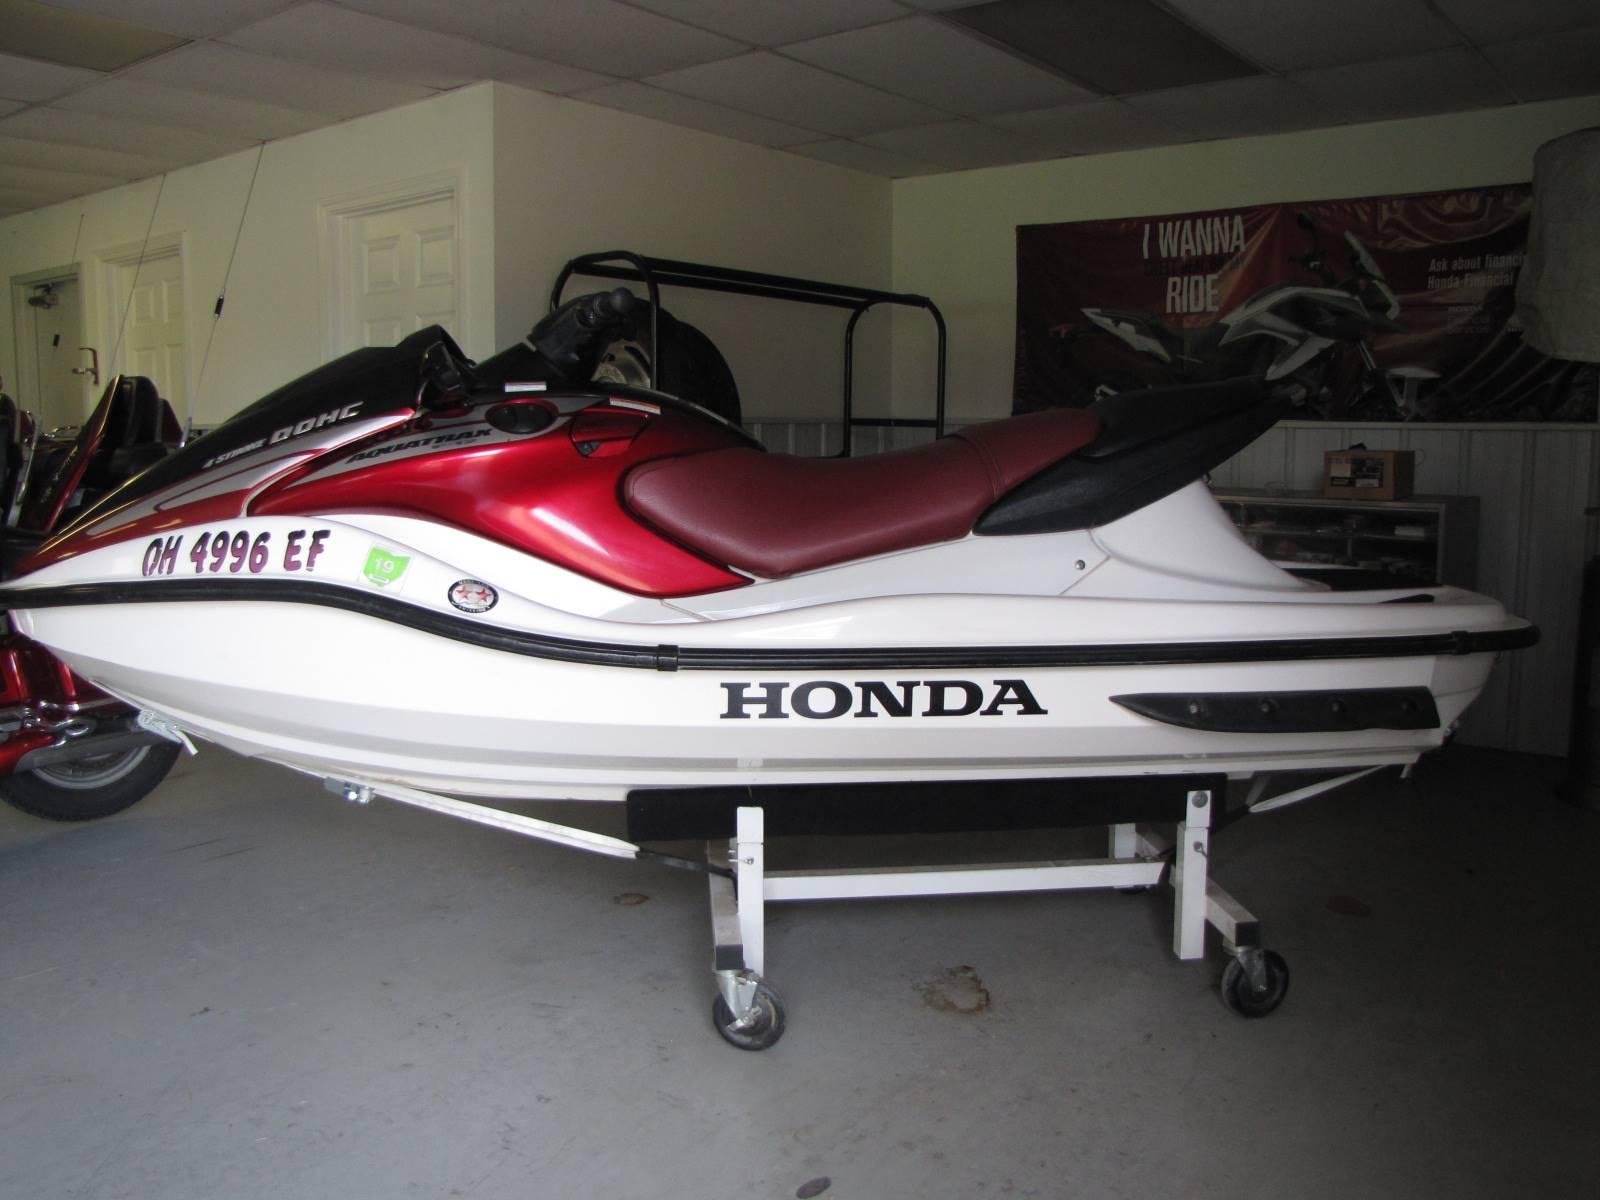 2006 AquaTrax F-12